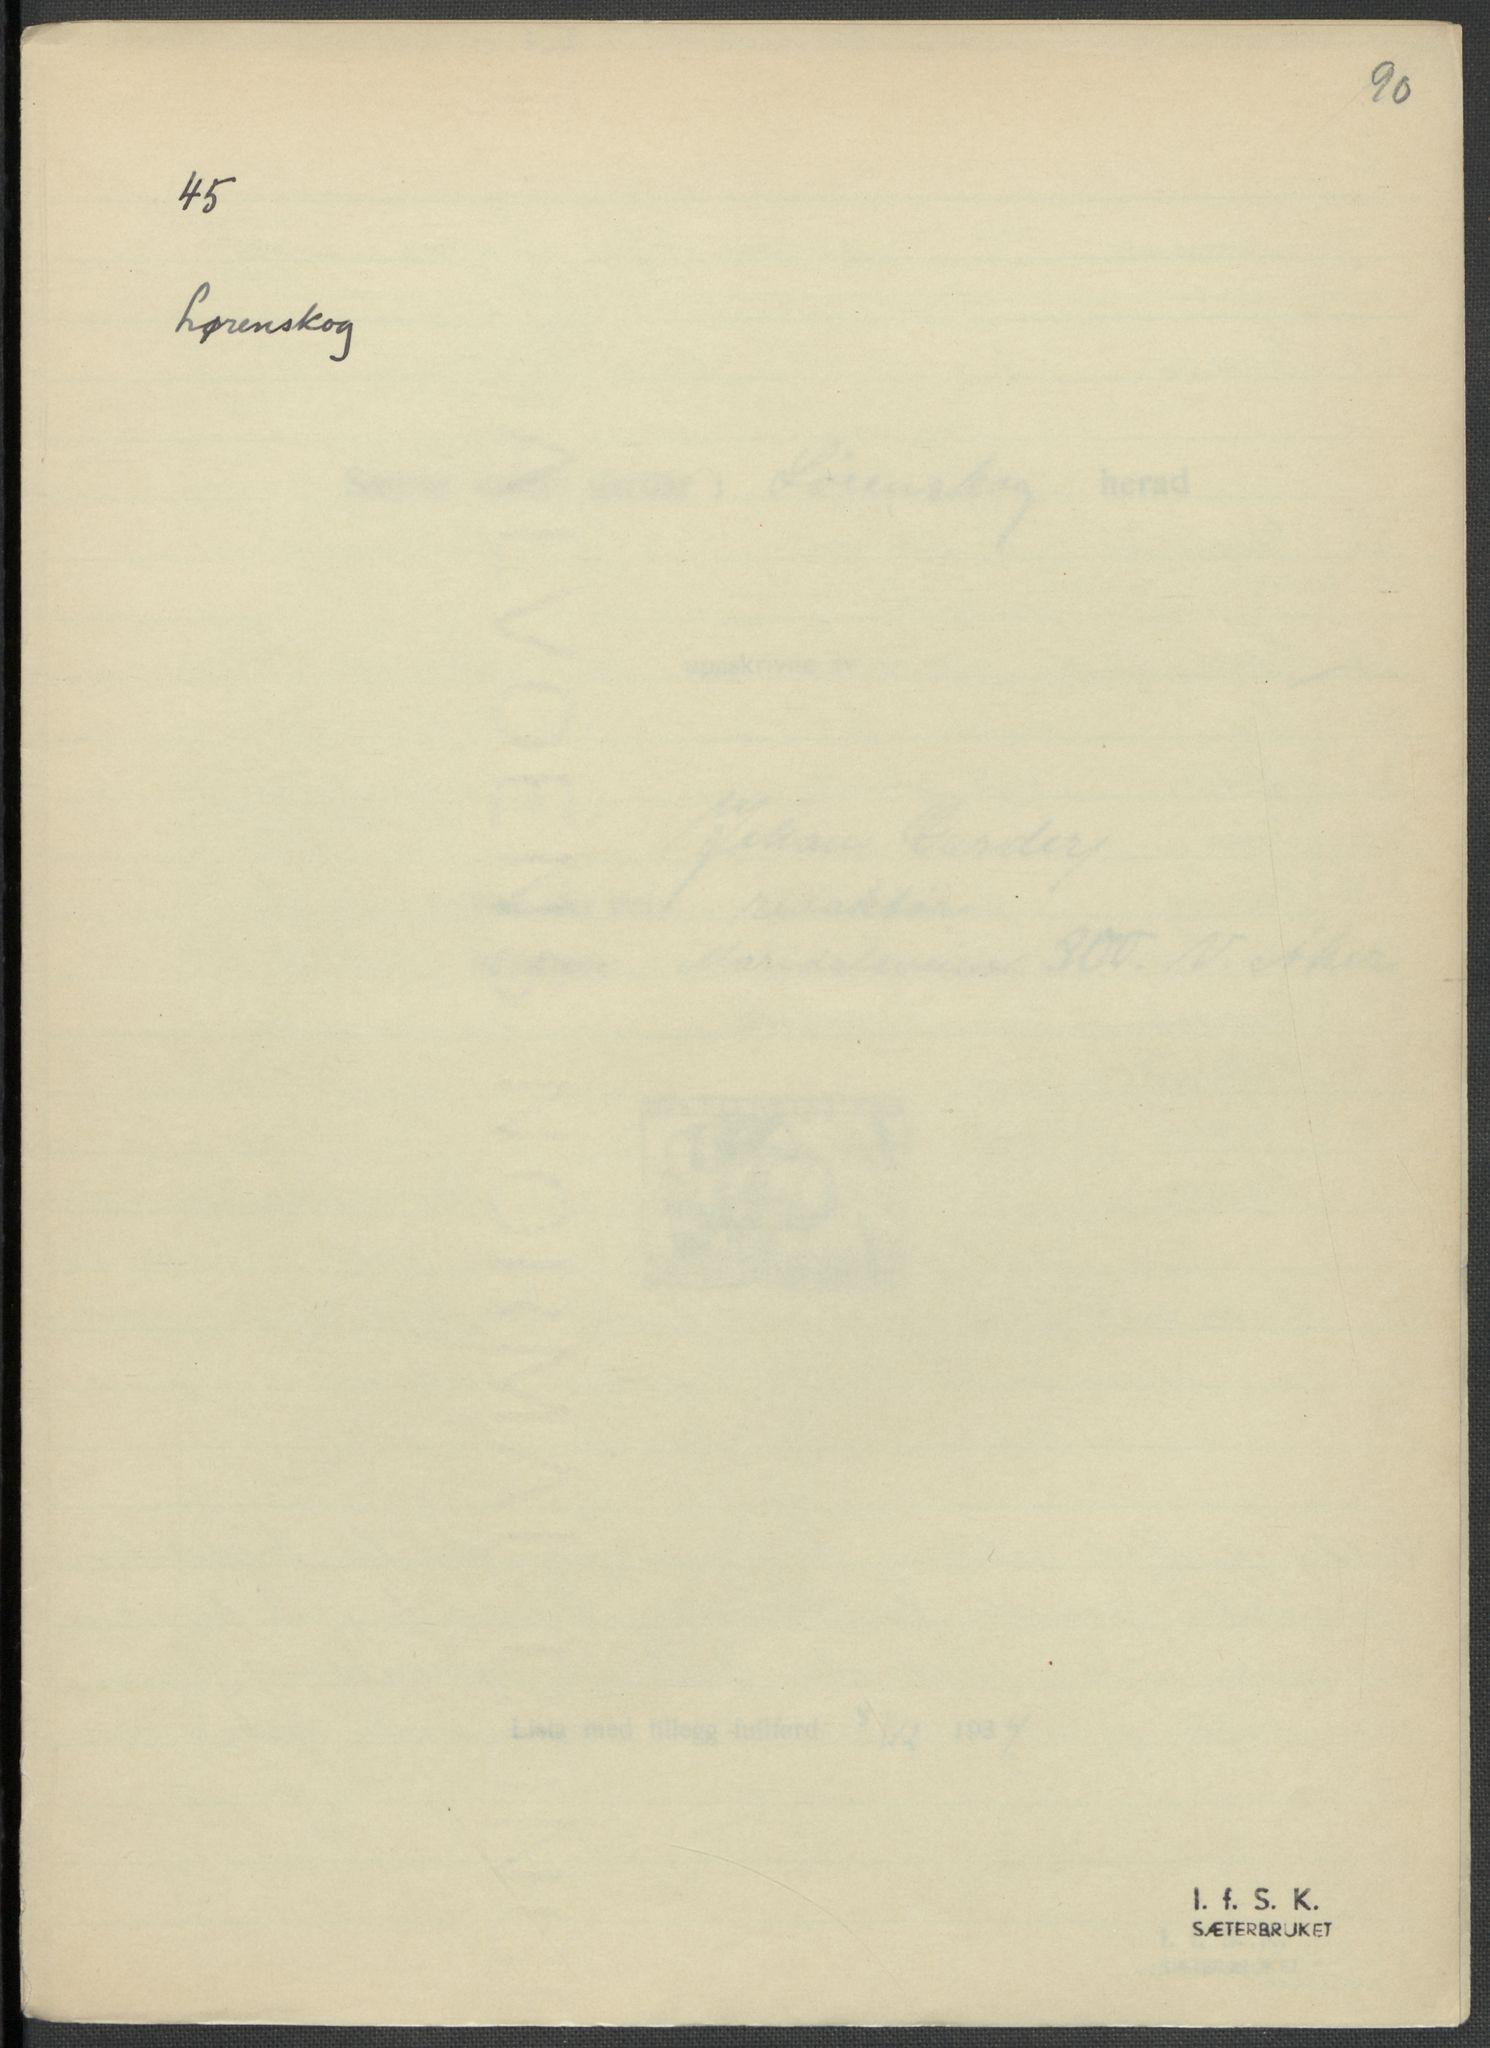 RA, Instituttet for sammenlignende kulturforskning, F/Fc/L0002: Eske B2:, 1932-1936, s. 90